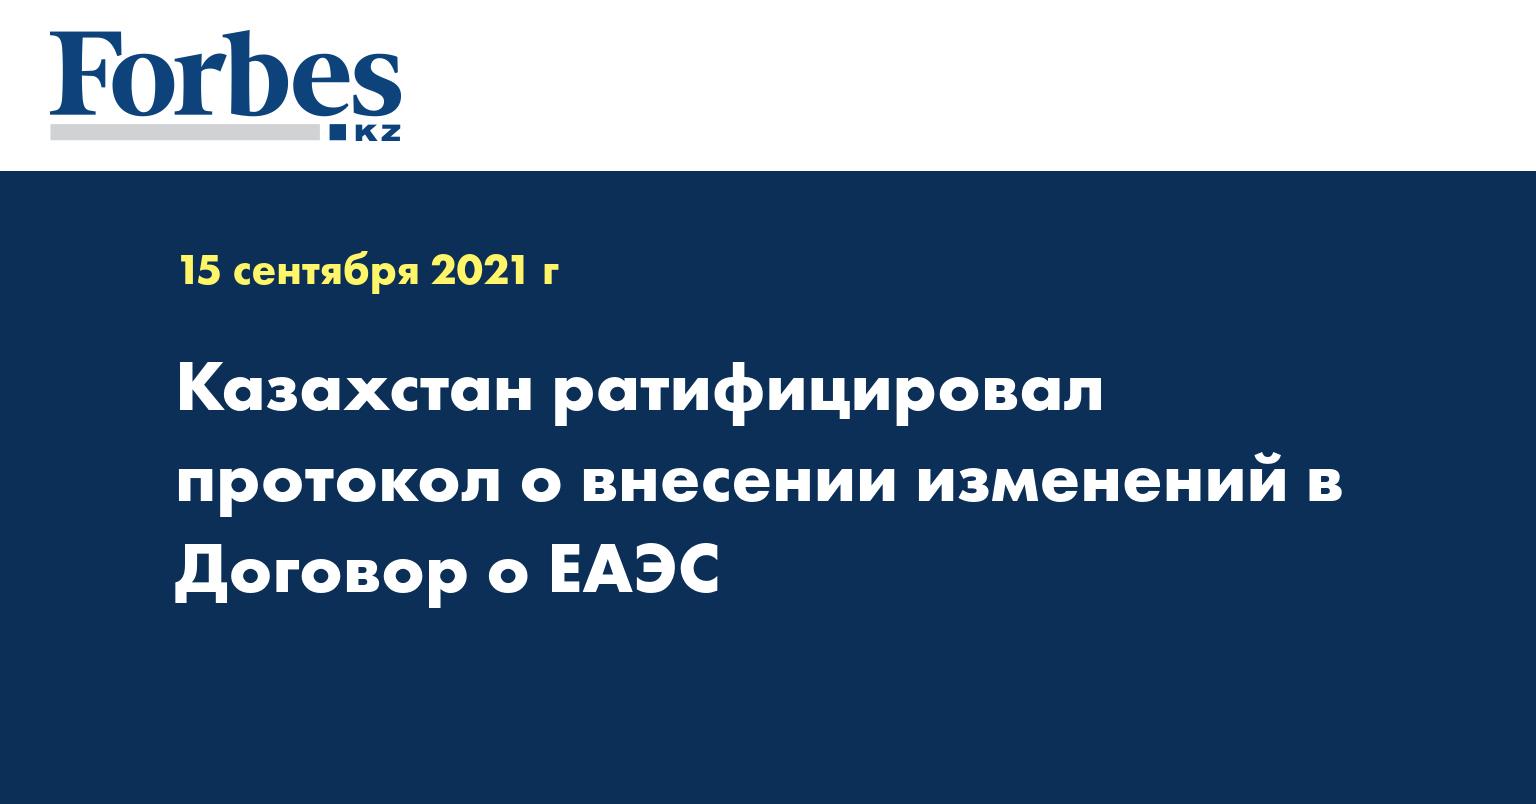 Казахстан ратифицировал протокол о внесении изменений в Договор о ЕАЭС